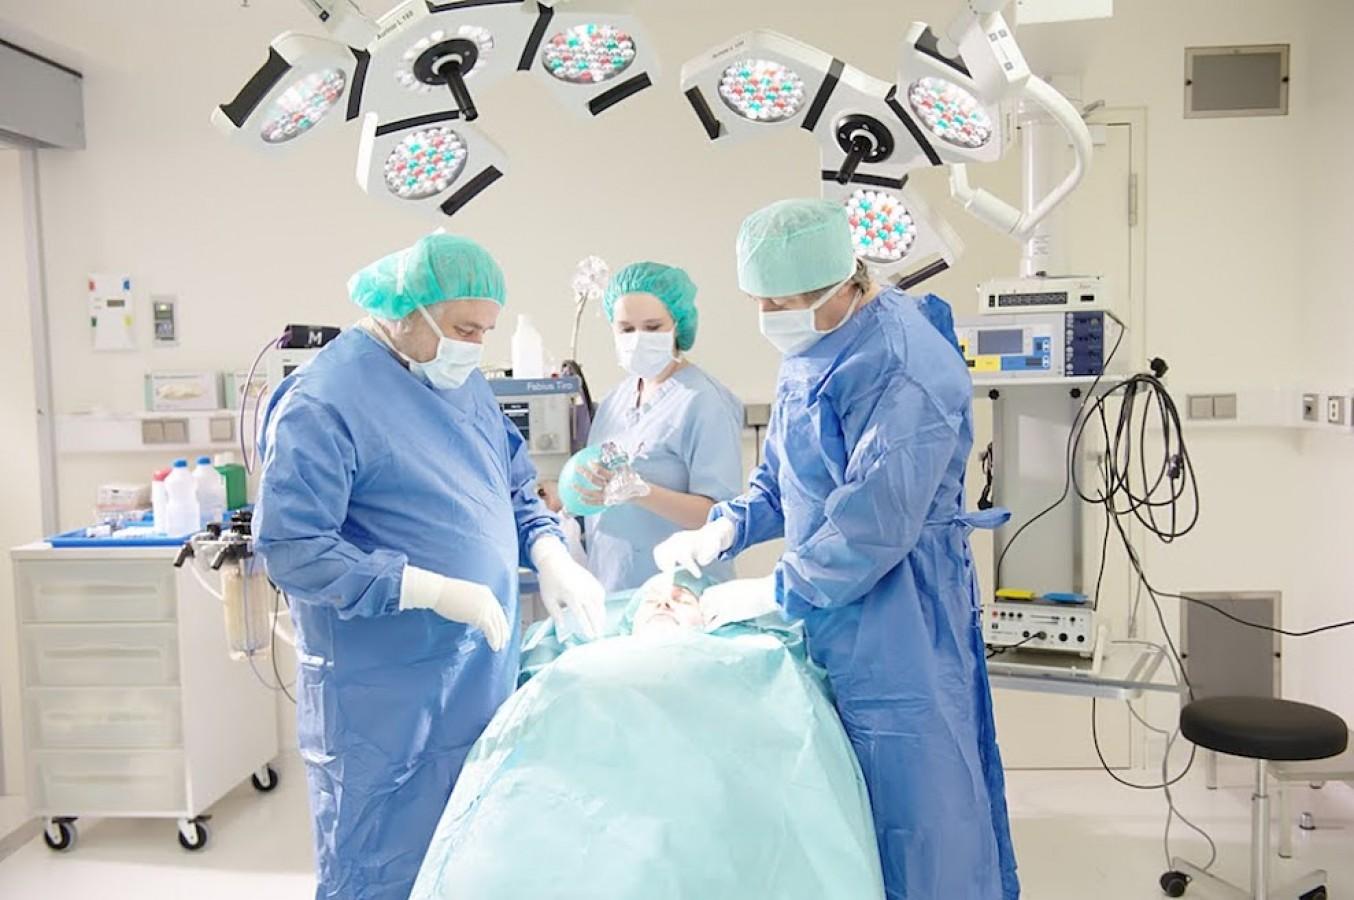 Реконструктивная хирургия в Турции